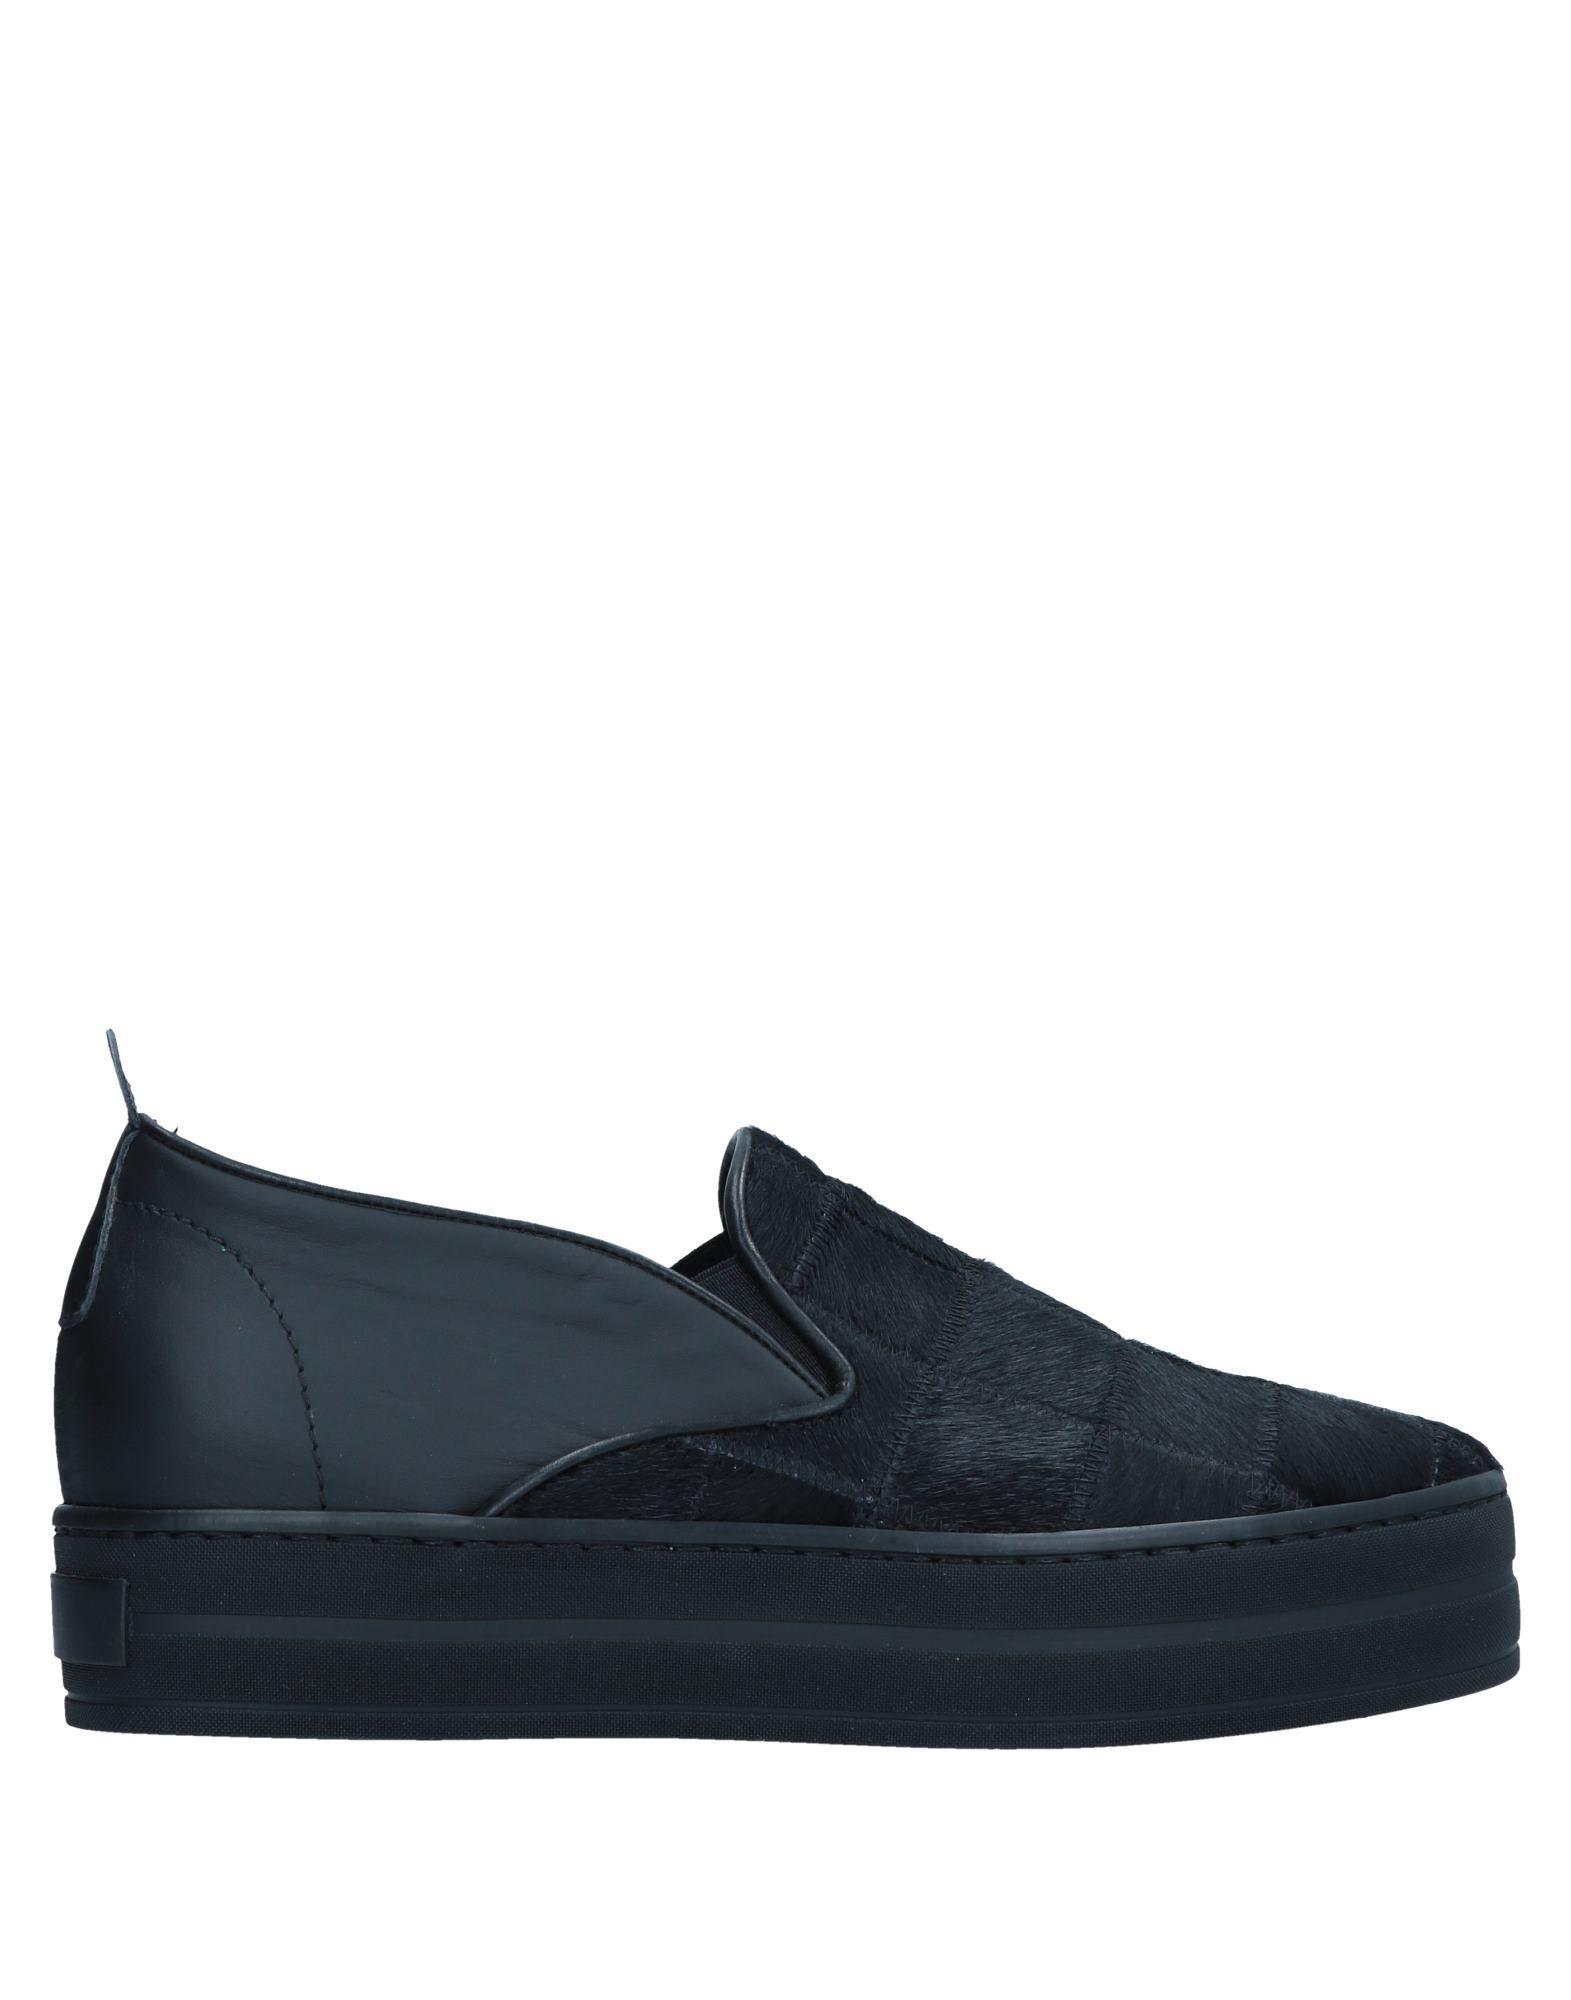 San Crispino Sneakers Damen  11546096SF Gute Qualität beliebte Schuhe